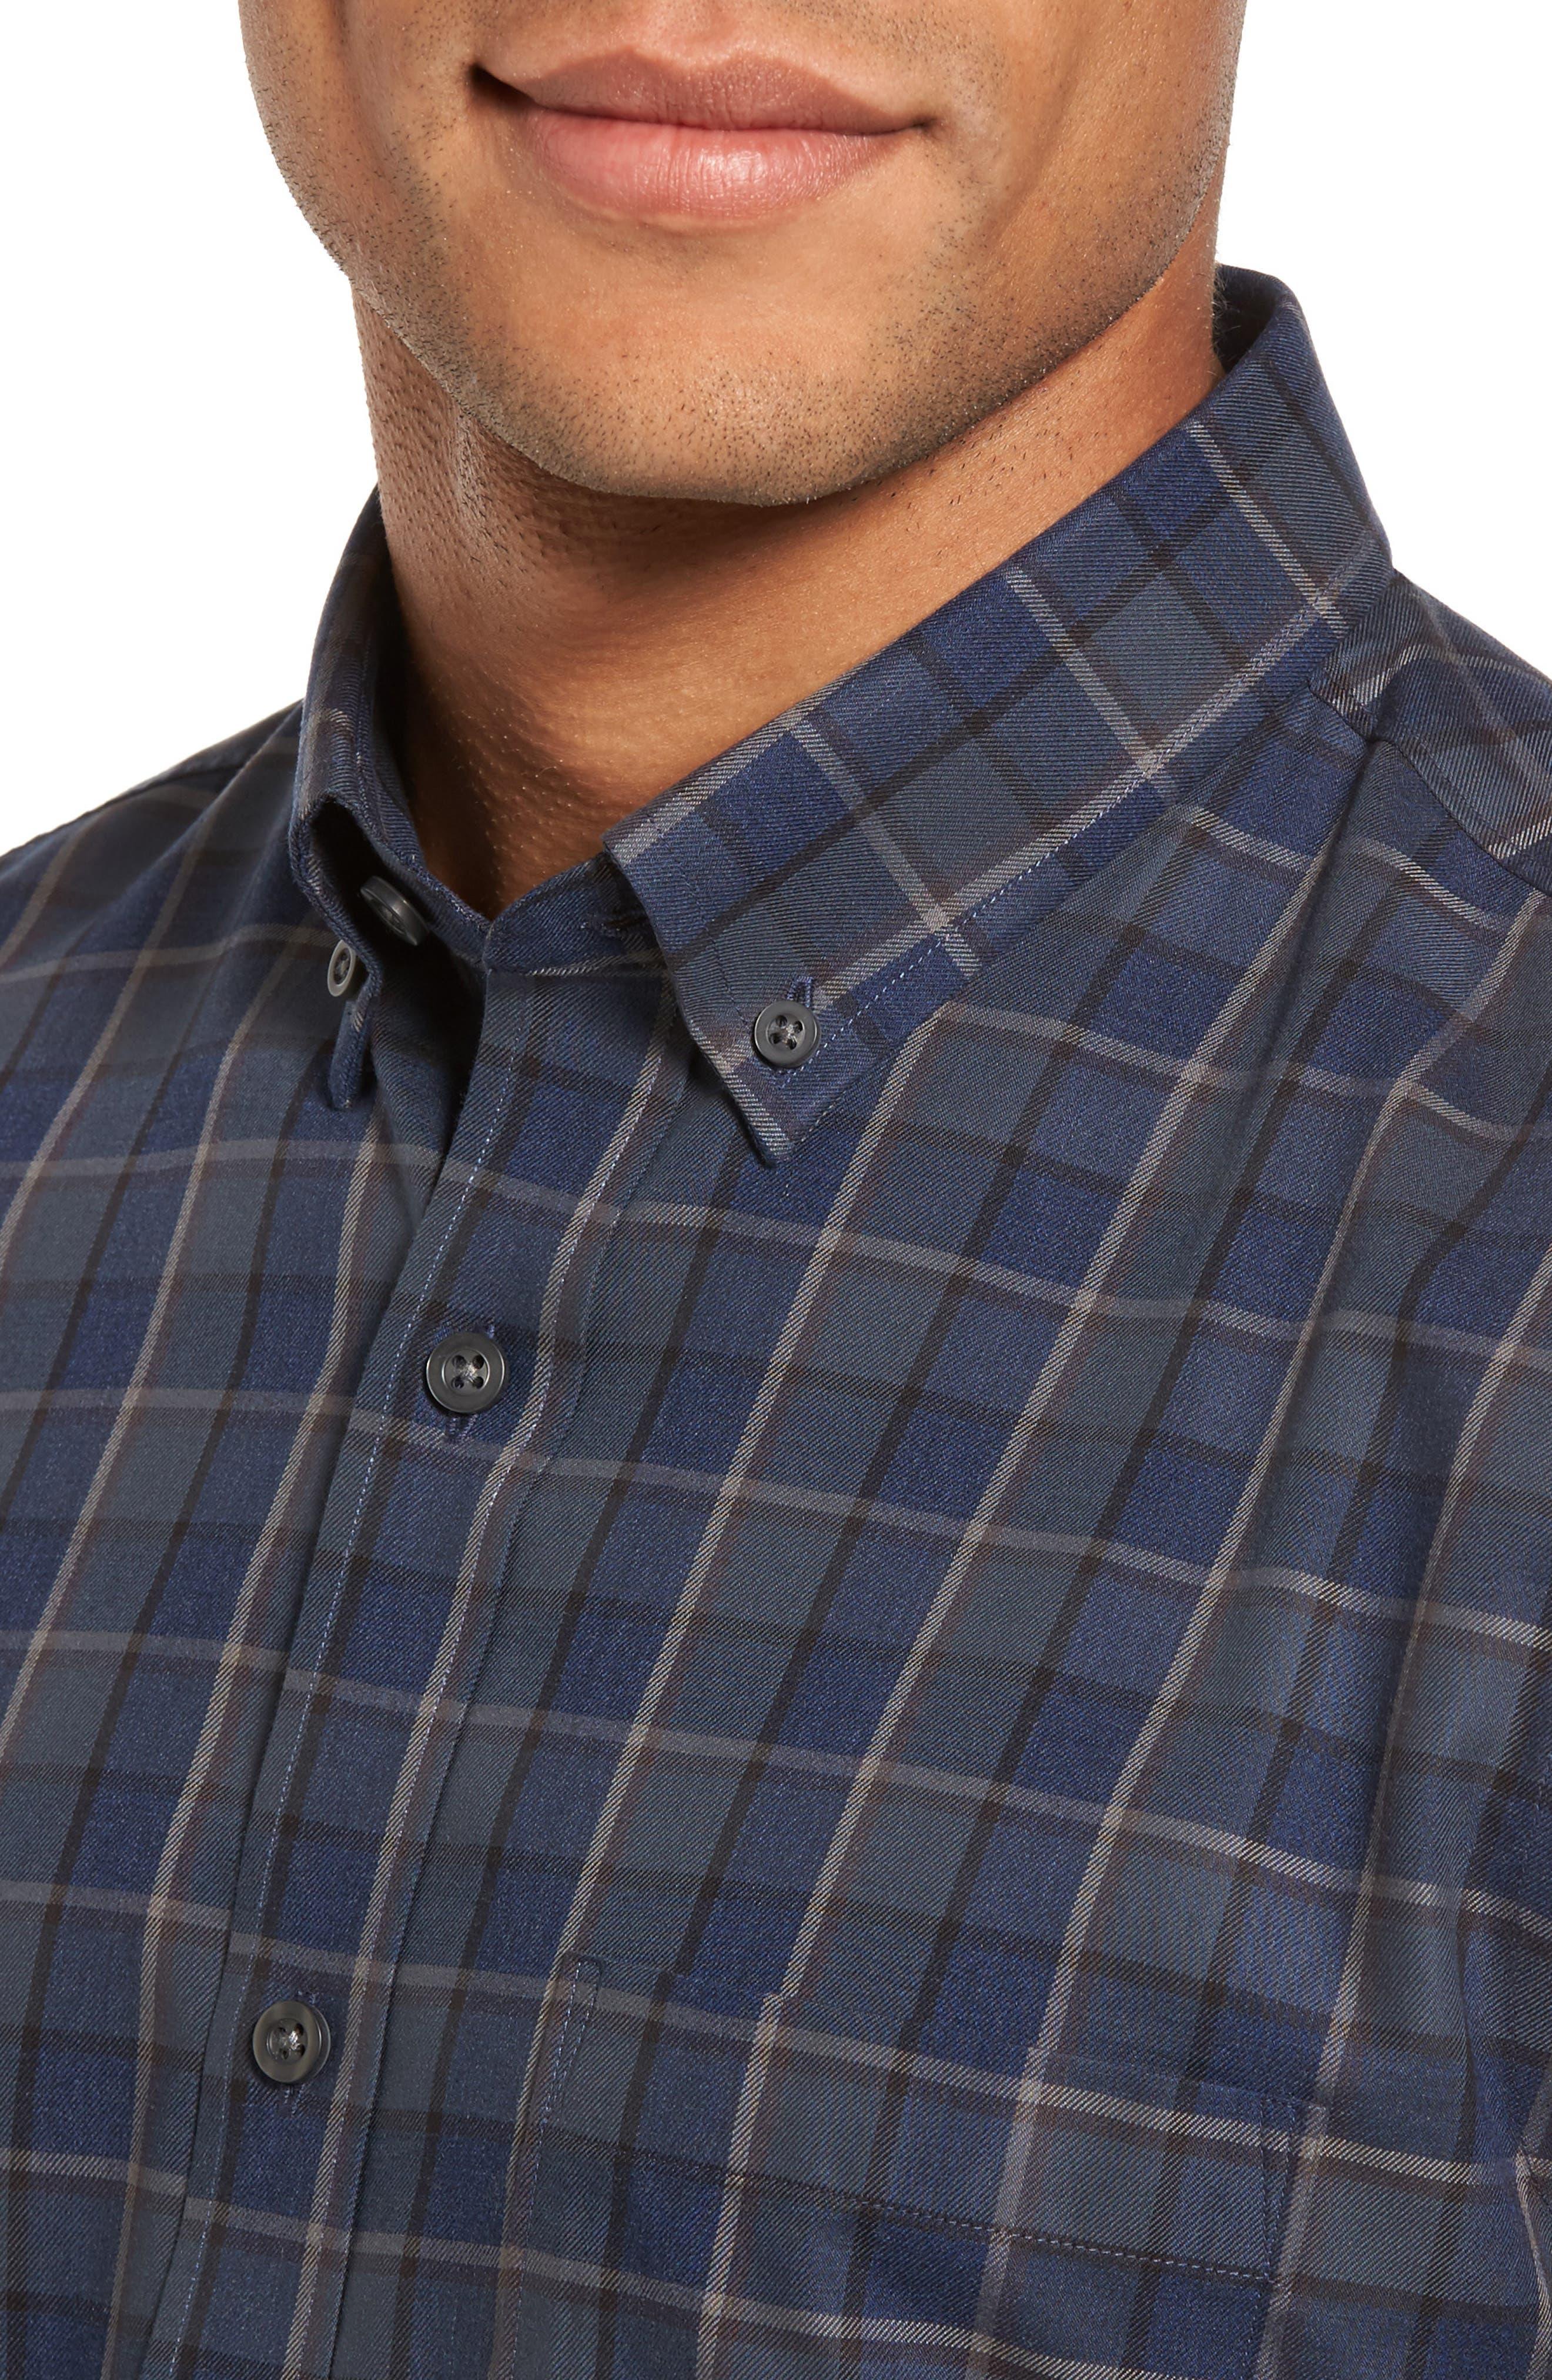 Trim Fit Non-Iron Plaid Sport Shirt,                             Alternate thumbnail 4, color,                             021